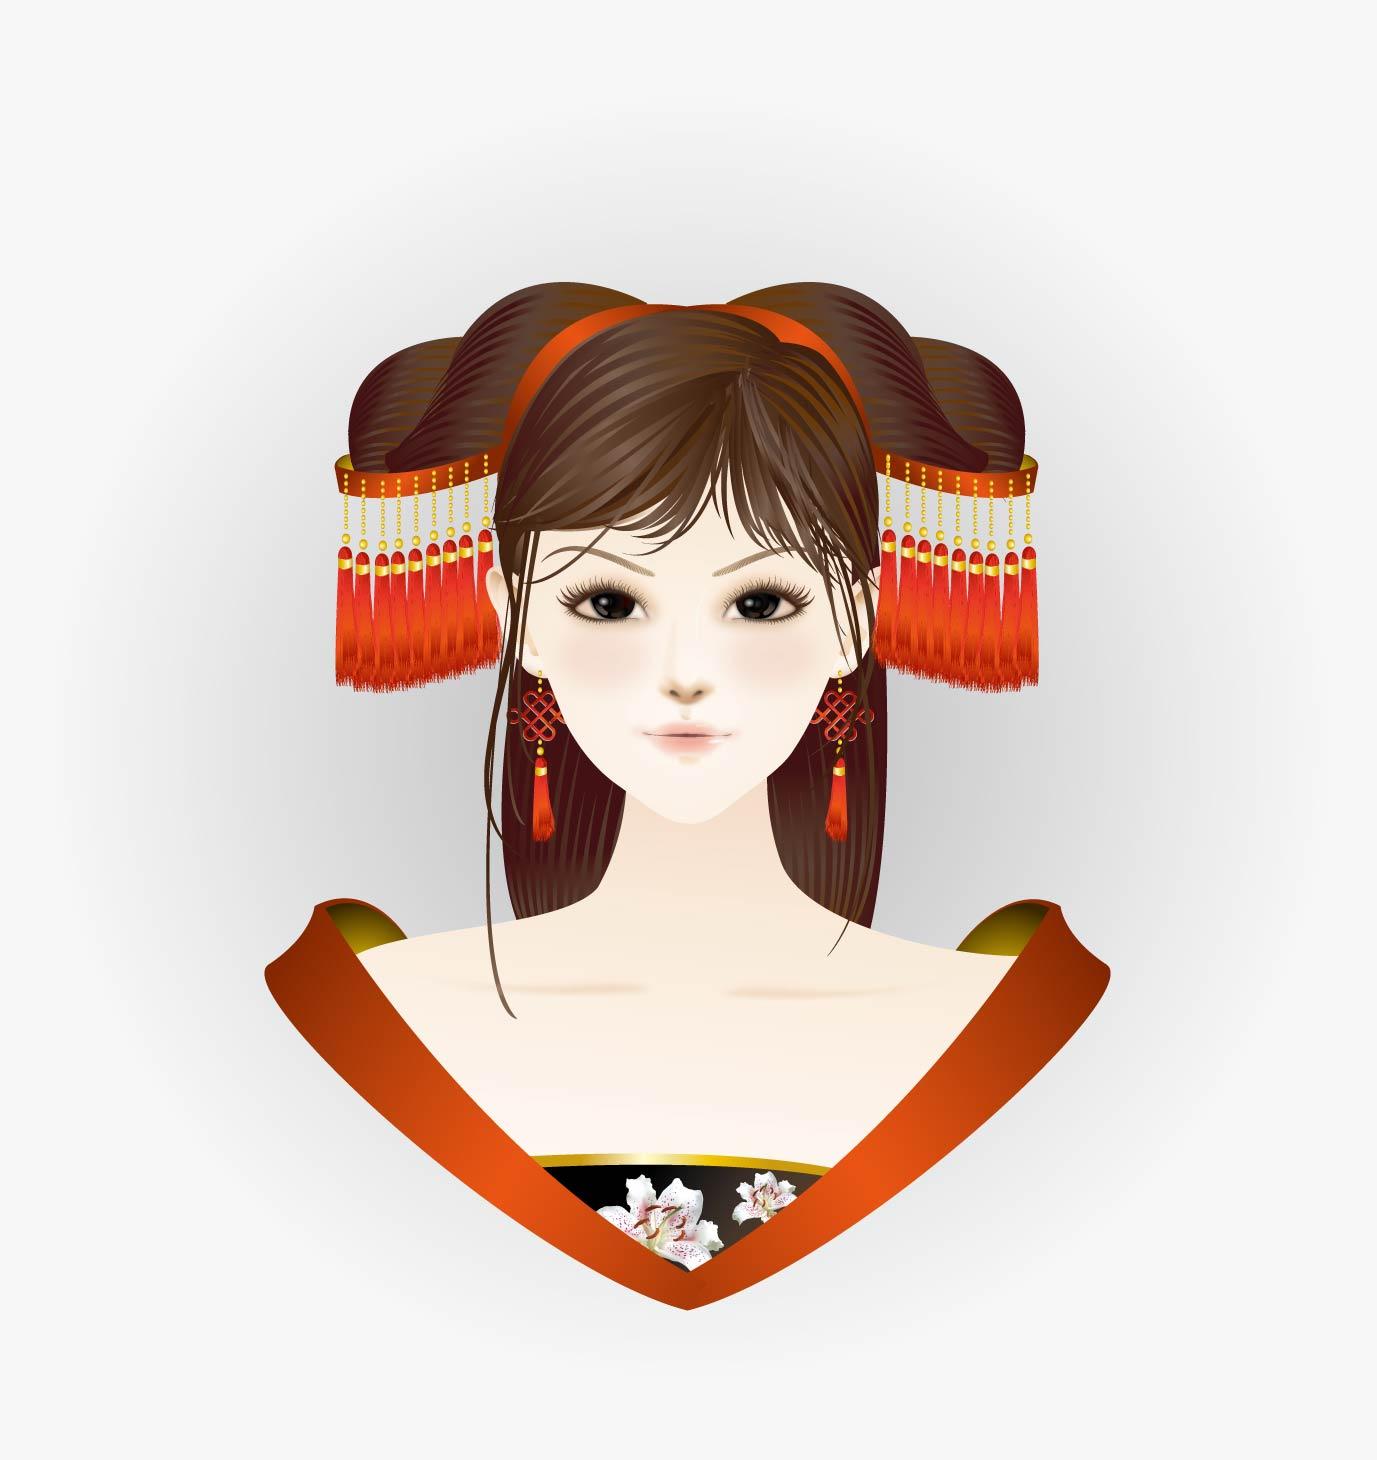 ai手绘美女插画|插画|涂鸦/潮流|hualei - 原创作品